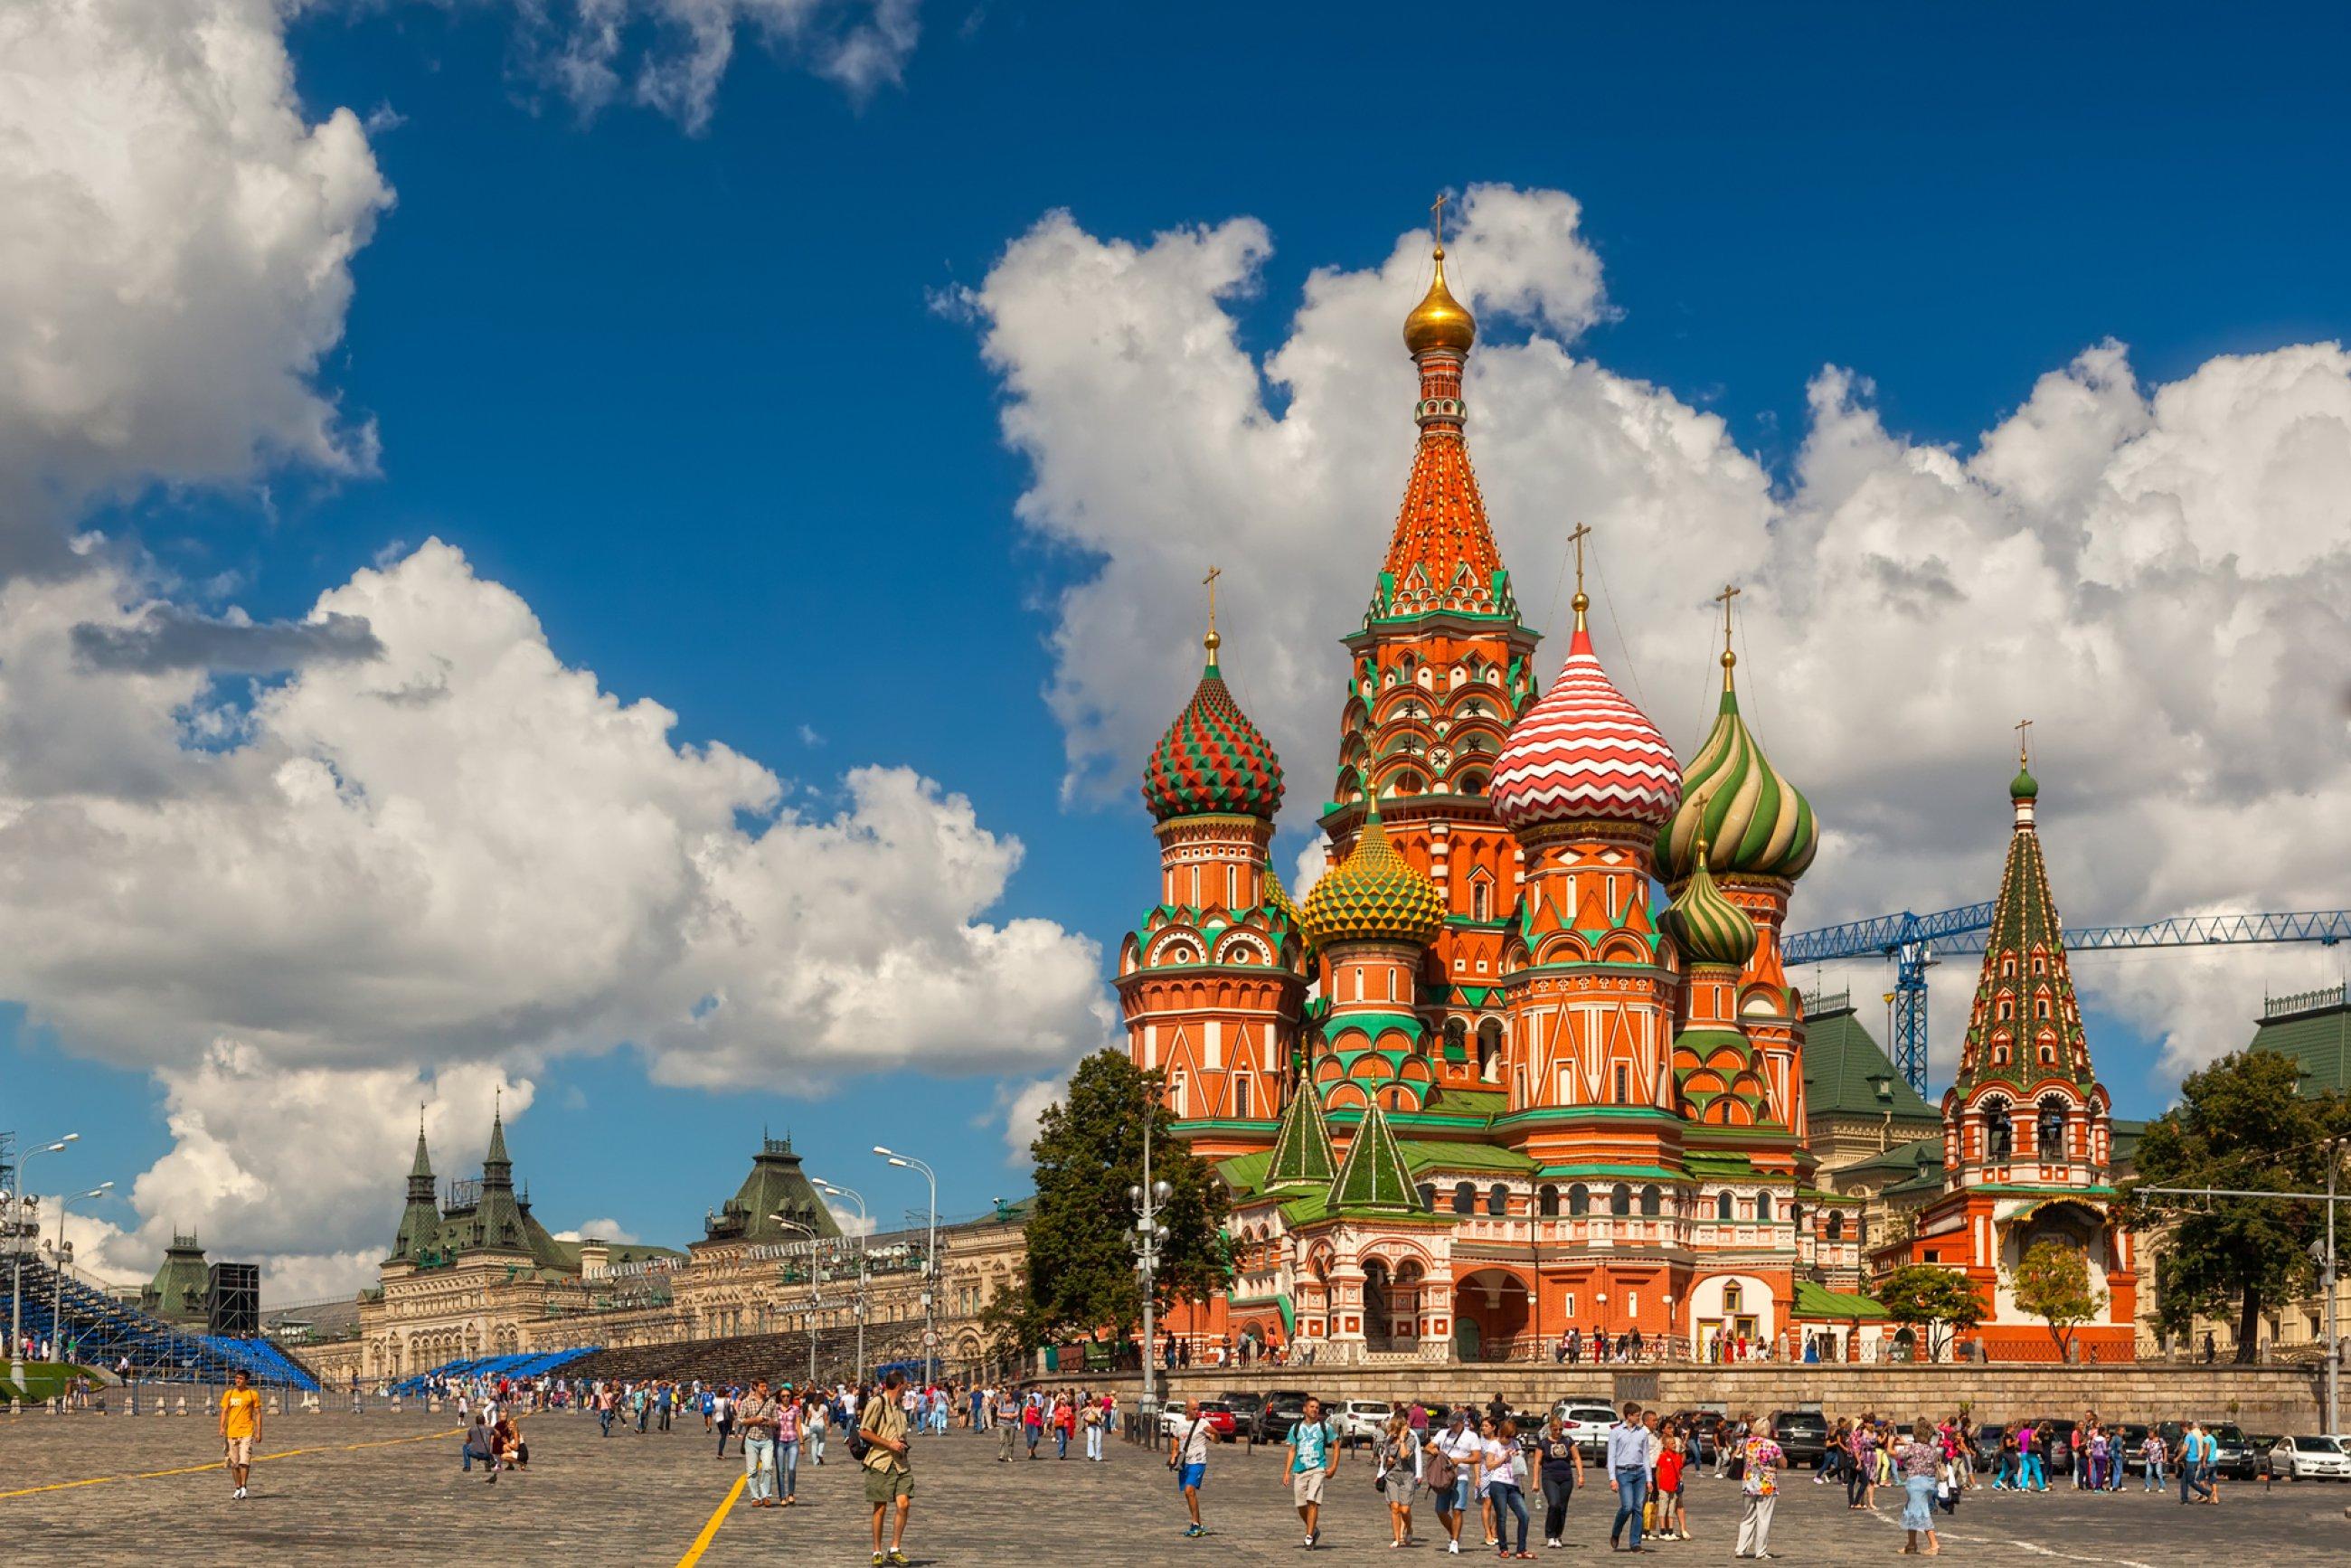 https://bubo.sk/uploads/galleries/7219/file.0hlavna-st.-basil-cathedral.jpg